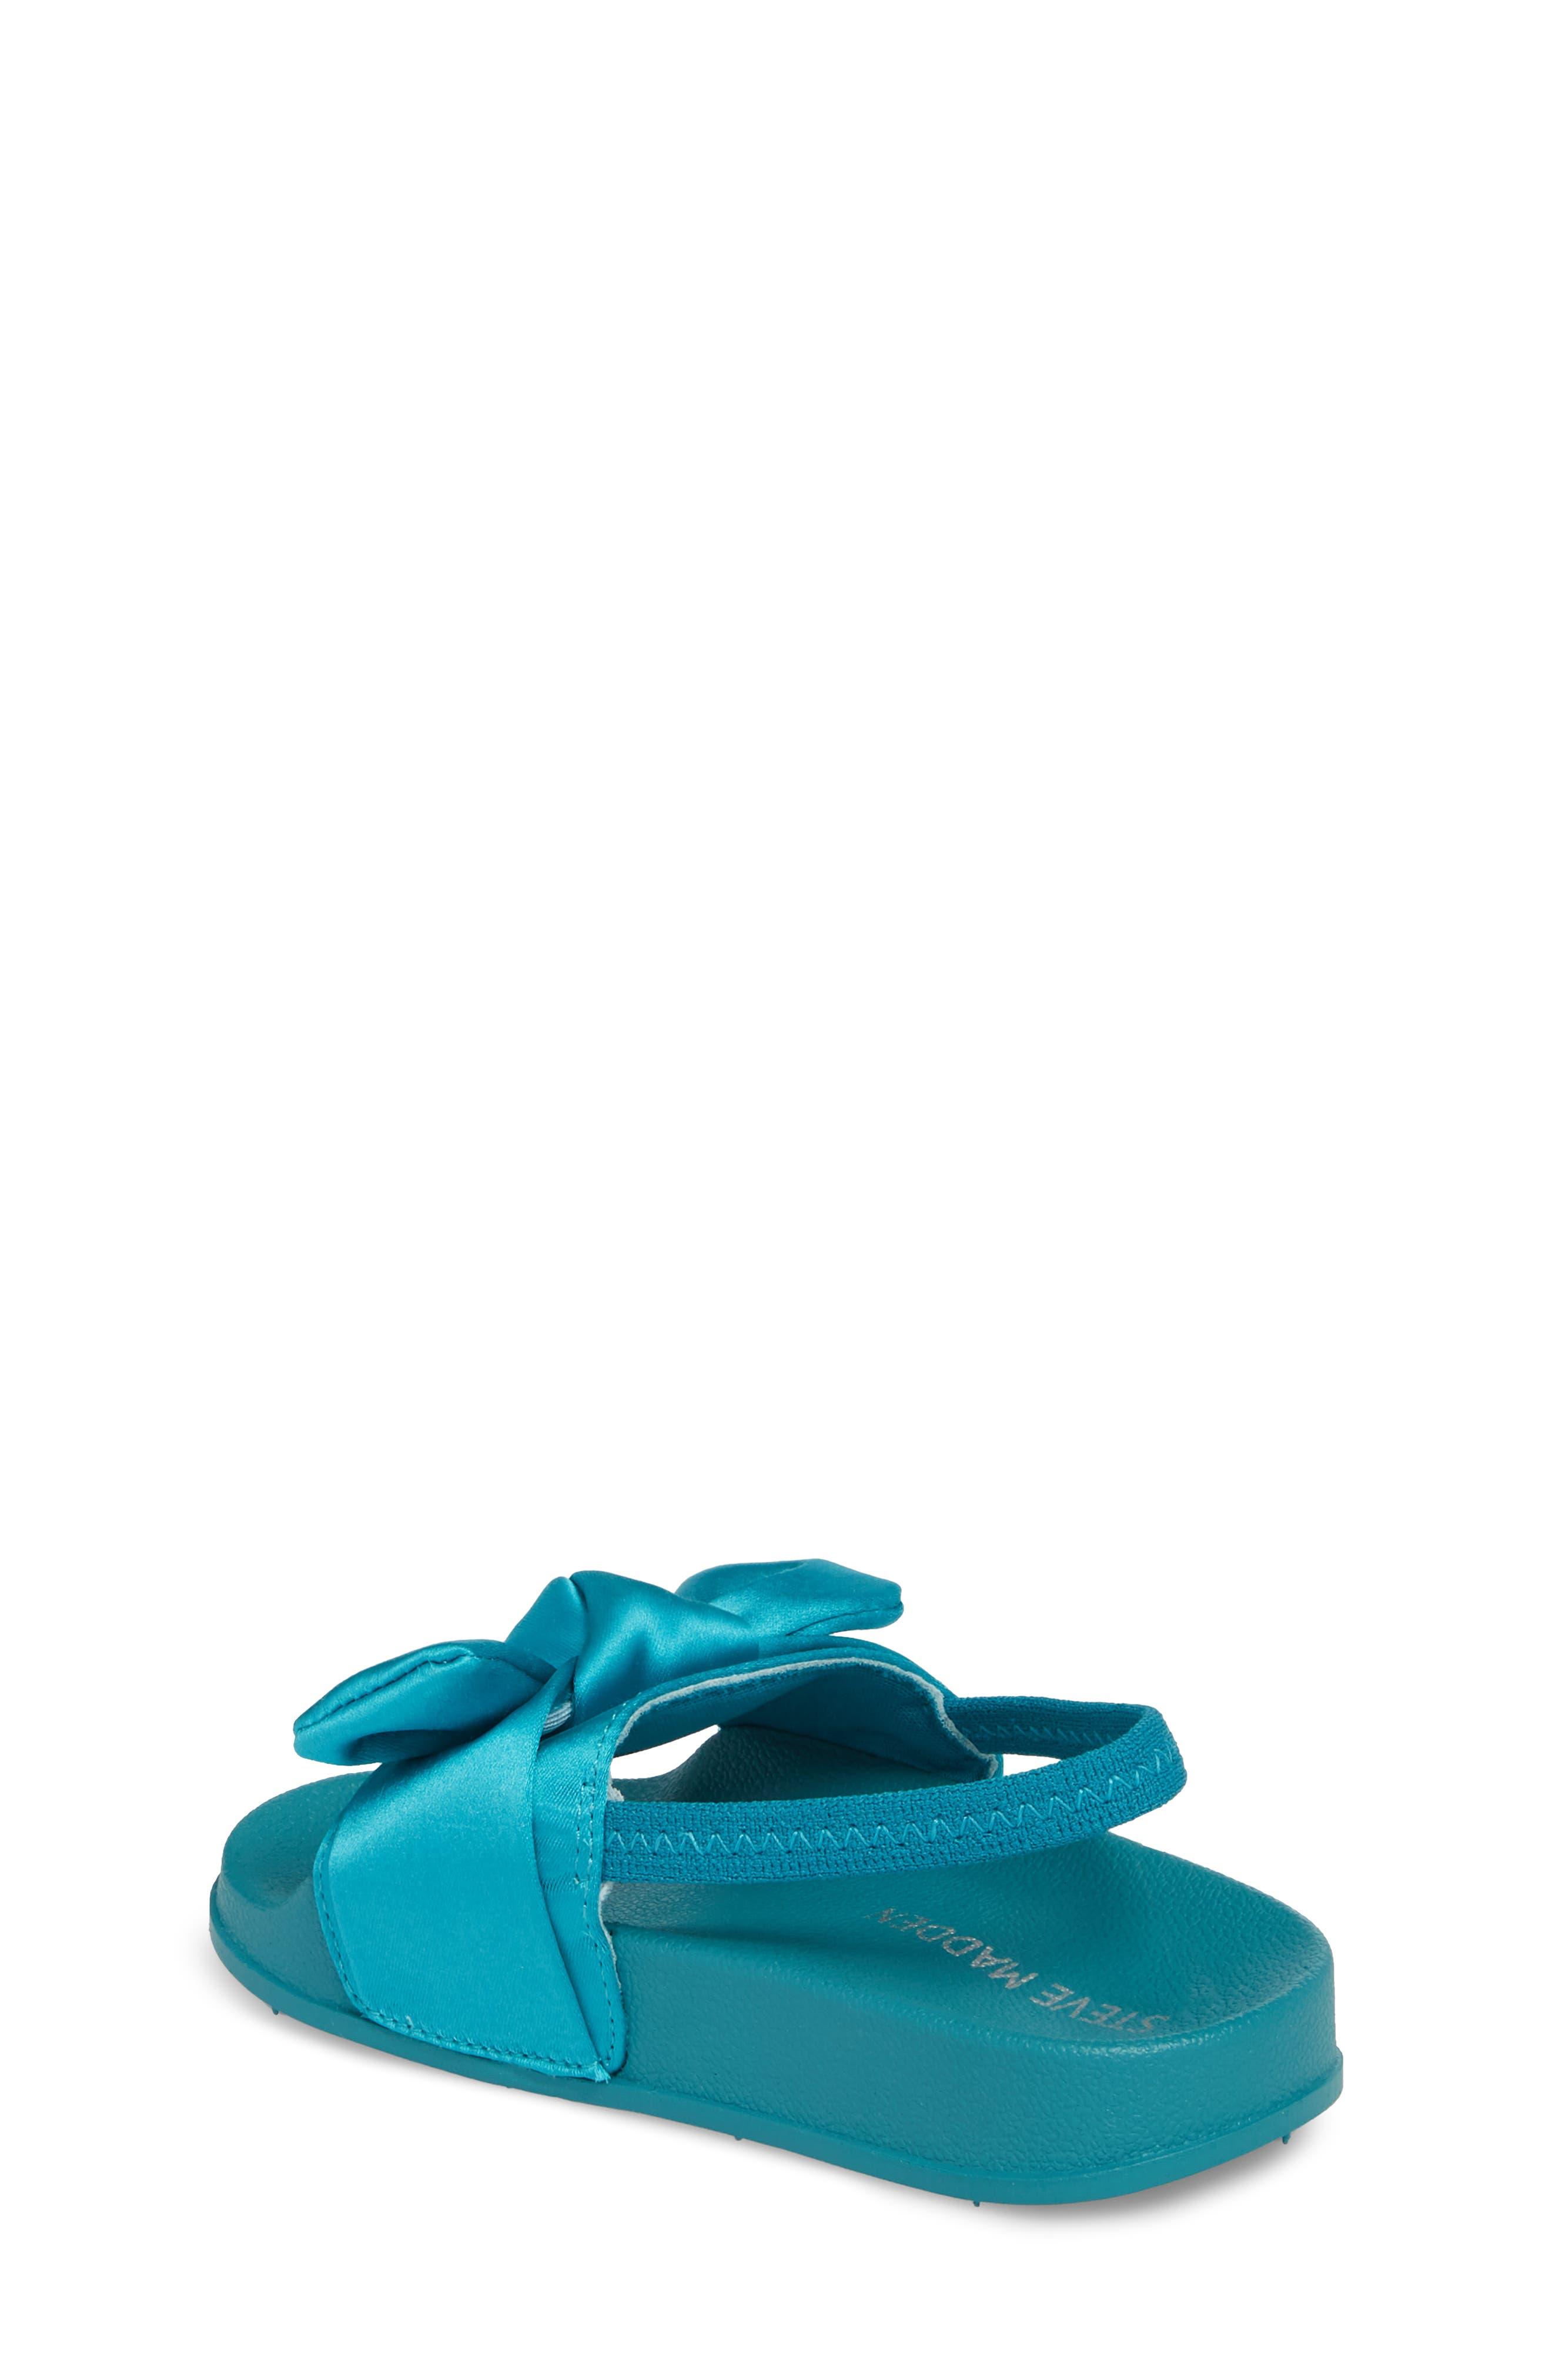 Tsilky Knotted Slide Sandal,                             Alternate thumbnail 7, color,